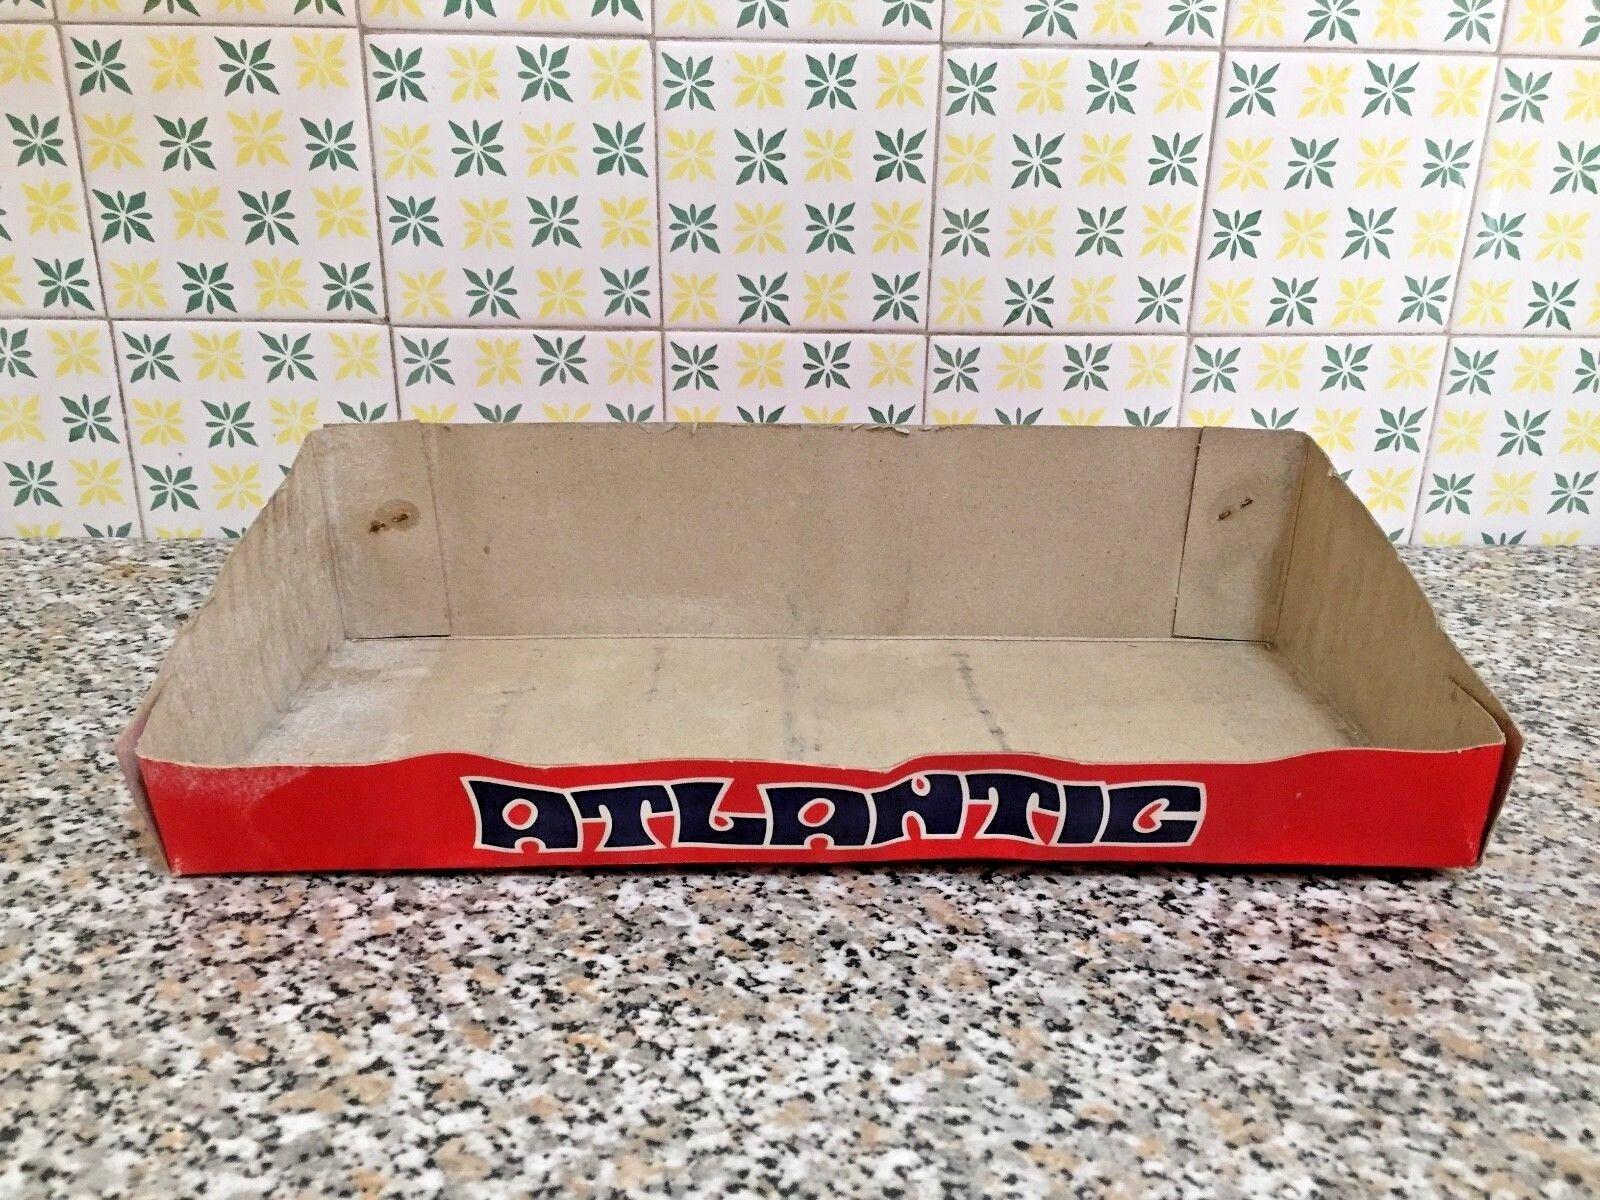 punto vendita ATLANTIC ATLANTIC ATLANTIC SCATOLA scatola CONTENITORE ORIGINALE PER SERIE EXPORT BUONO QUASI COMPLETO  risparmia il 35% - 70% di sconto